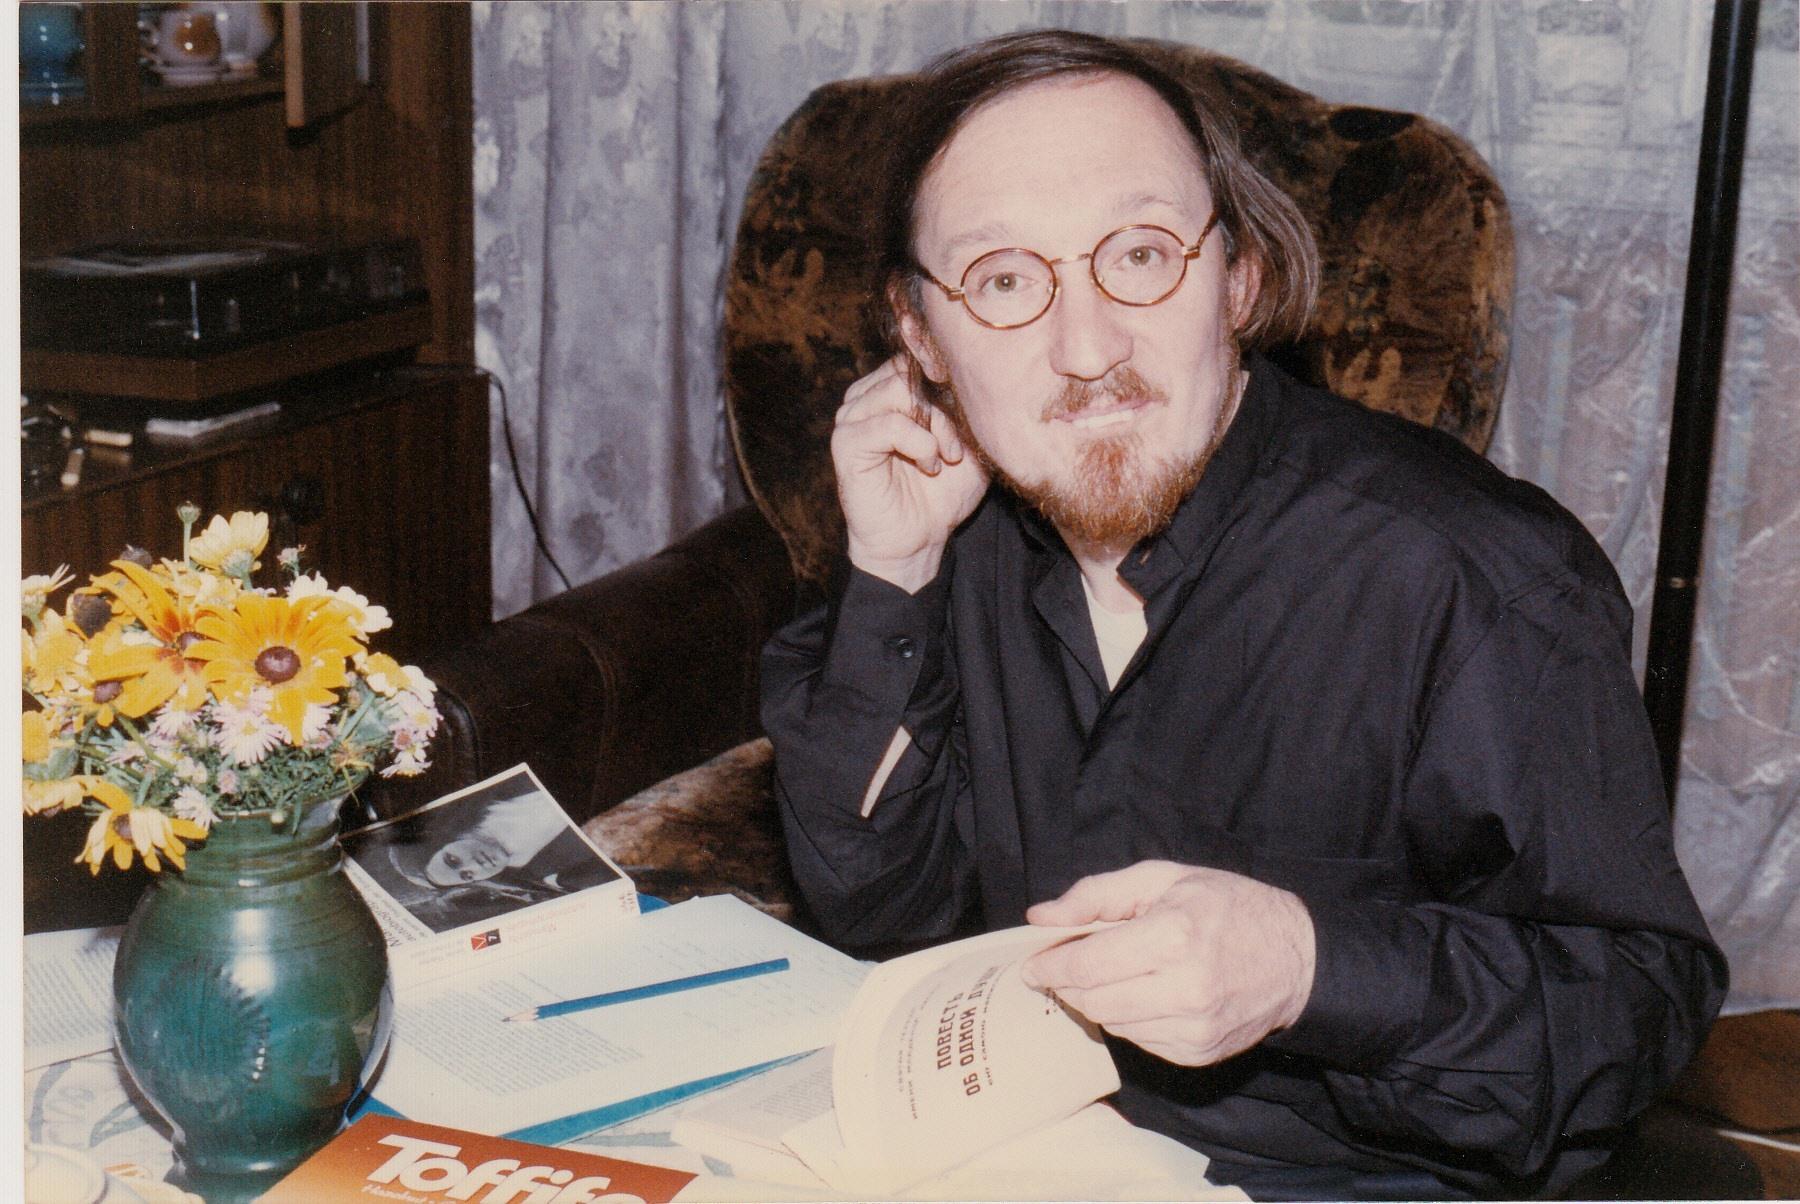 православный священник Георгий Чистяков